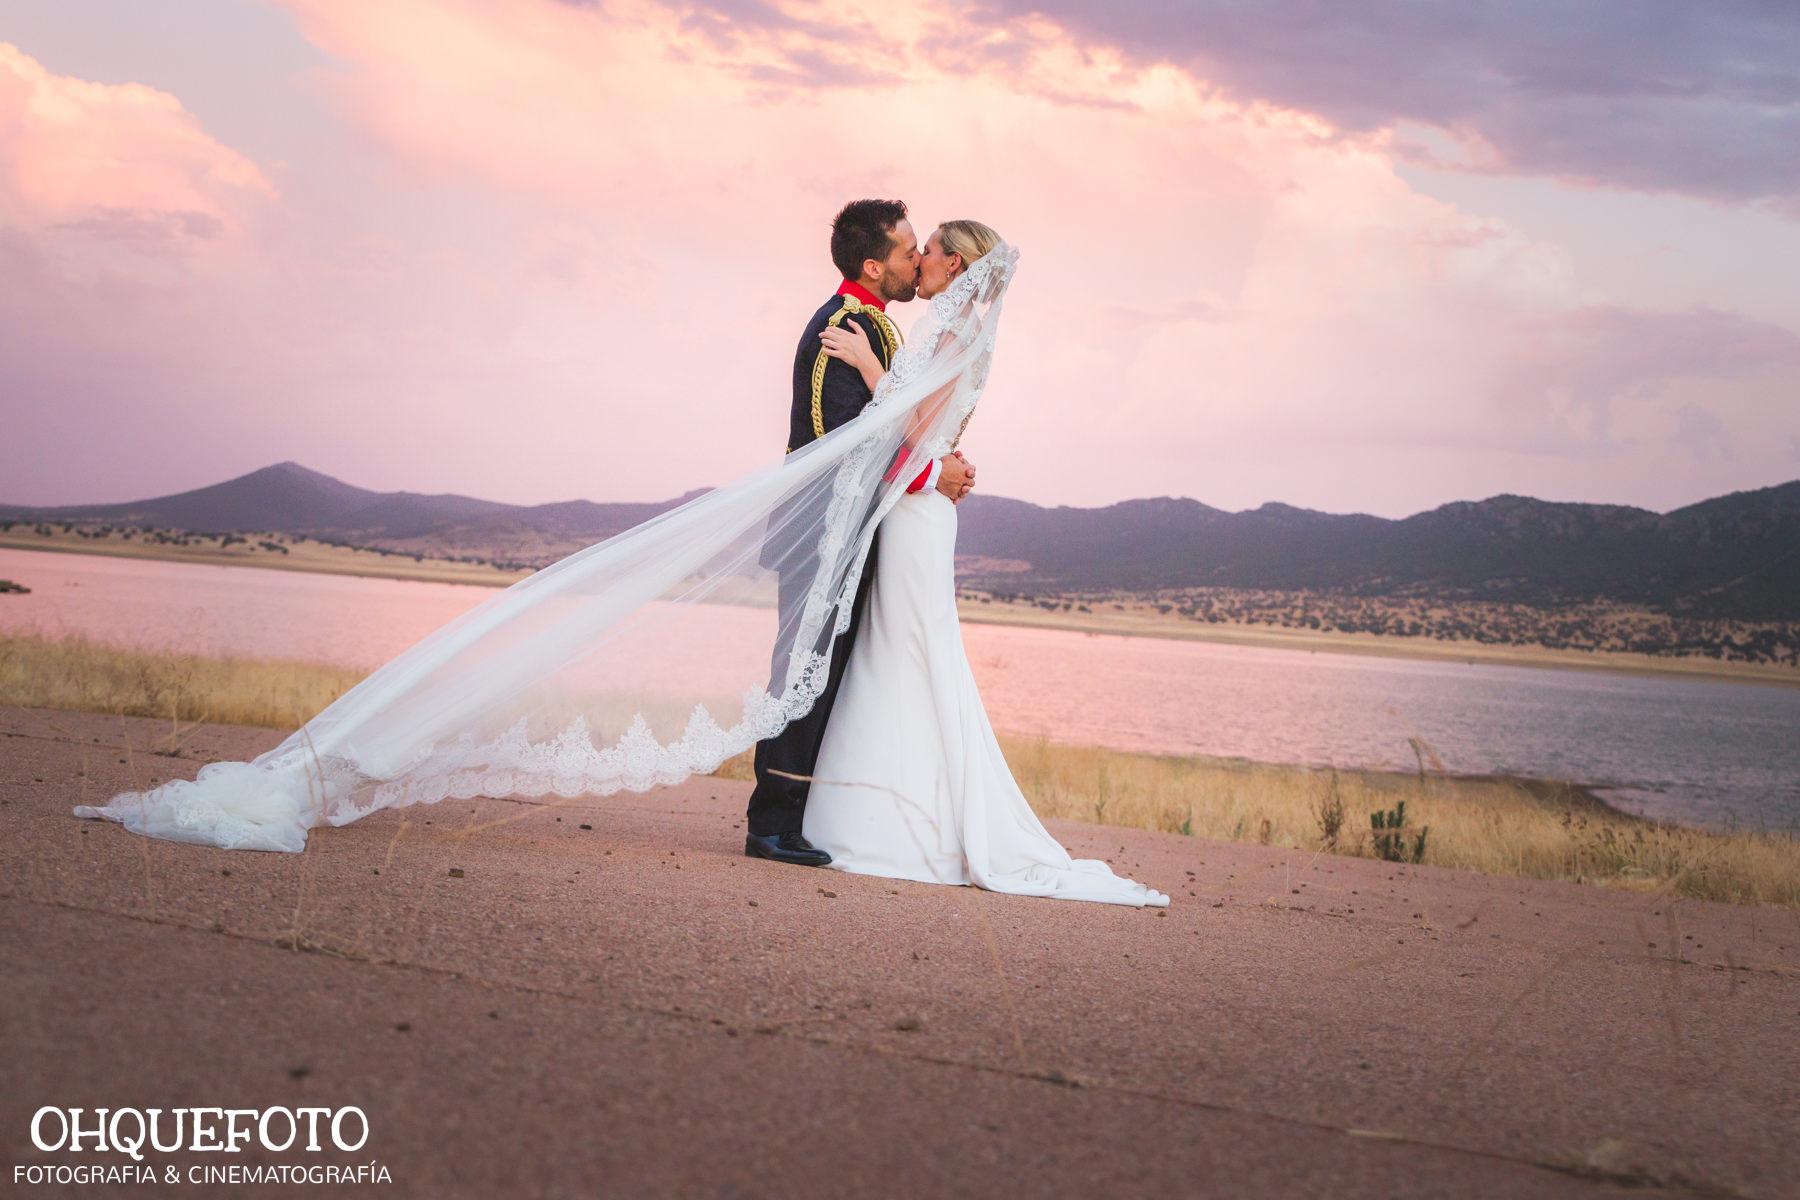 boda en la peraleda boda en cabeza del buey boda en capilla reportaje de bodas en almaden video de bodas en cordoba474 - Jose y Gema - Boda en Zarza Capilla y la Finca La Peraleda (Chillón)